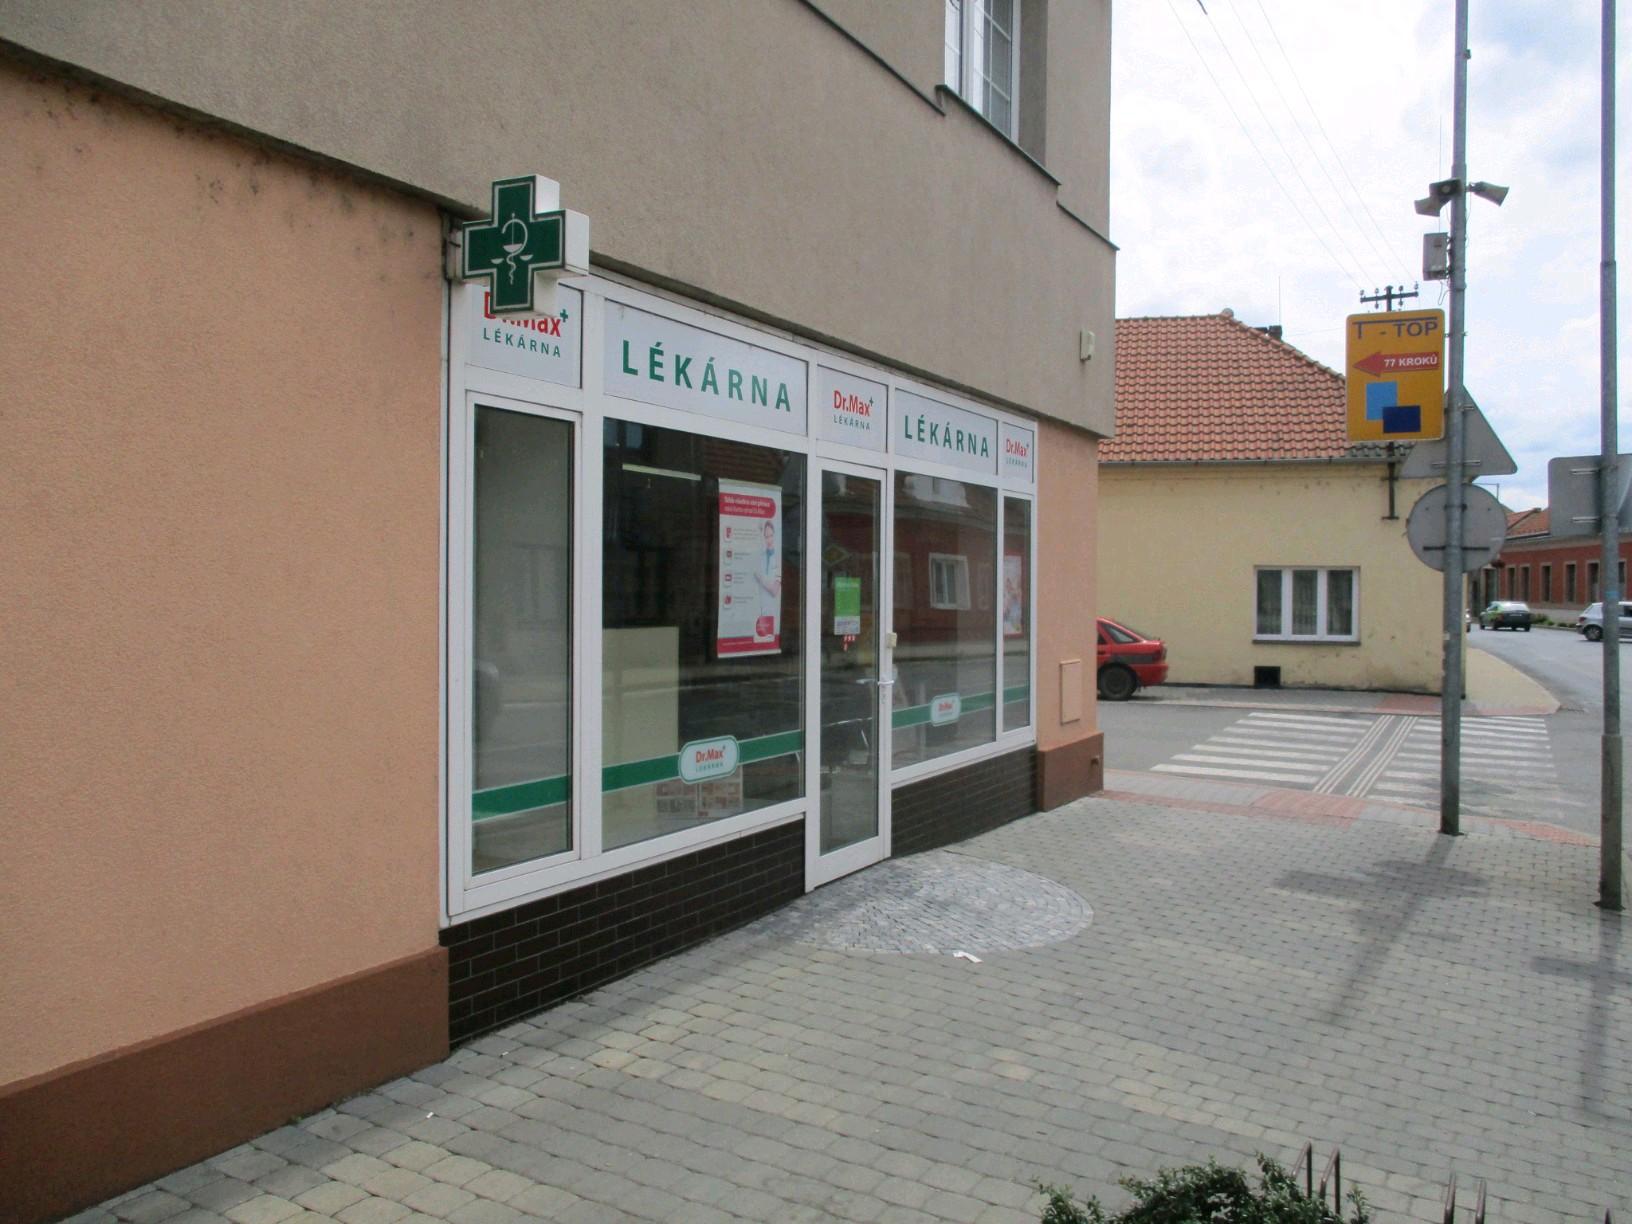 Dr.Max, Turenská 565, Kostelec nad Labem